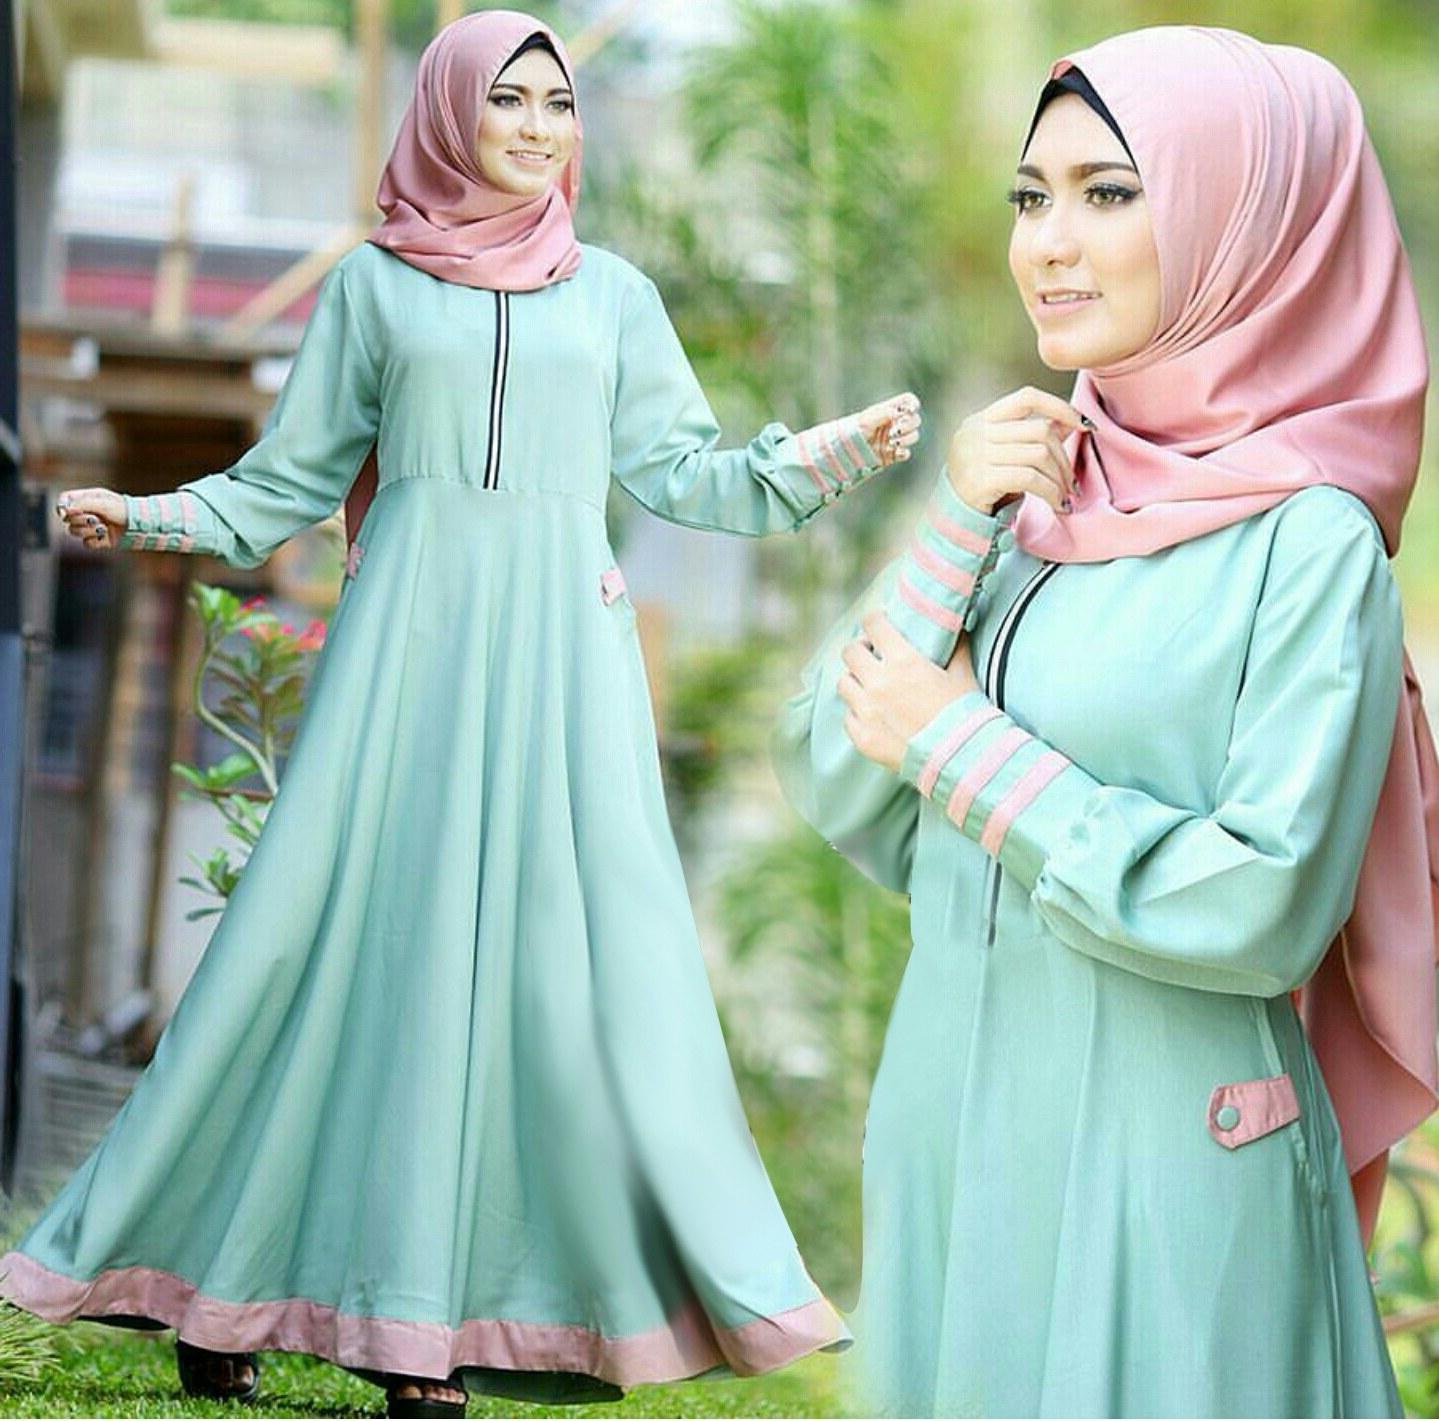 Ide Fashion Muslim Terbaru Ffdn Gamis Terbaru Baju Muslim Wanita Modern Desain Cantik